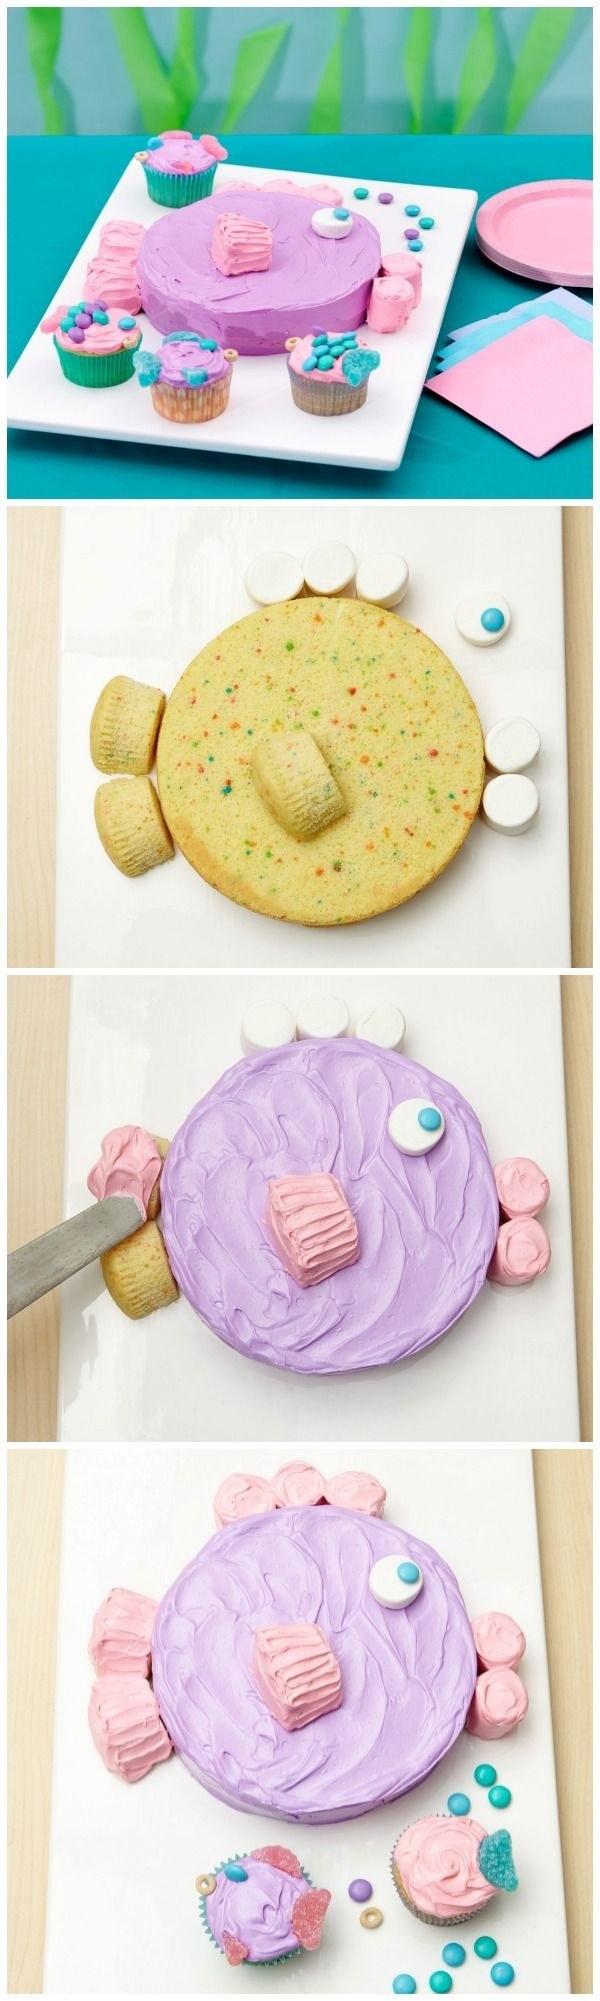 Как украсить торт кремом для мальчика